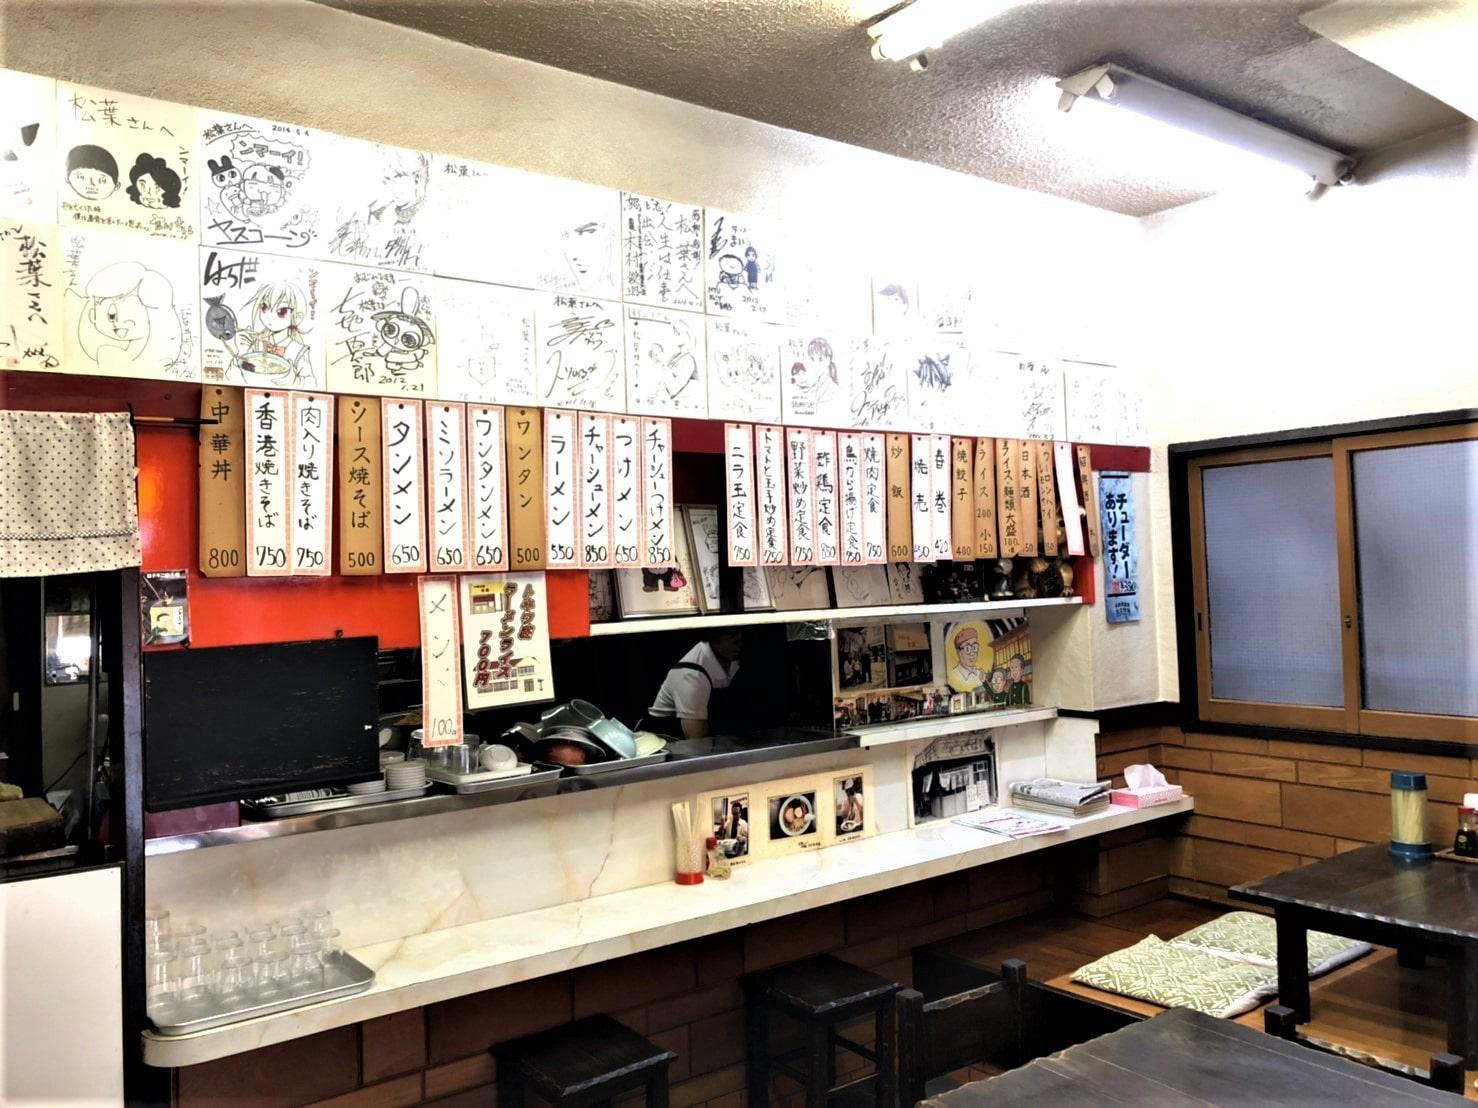 落合南長崎のラーメン屋「松葉」の店内